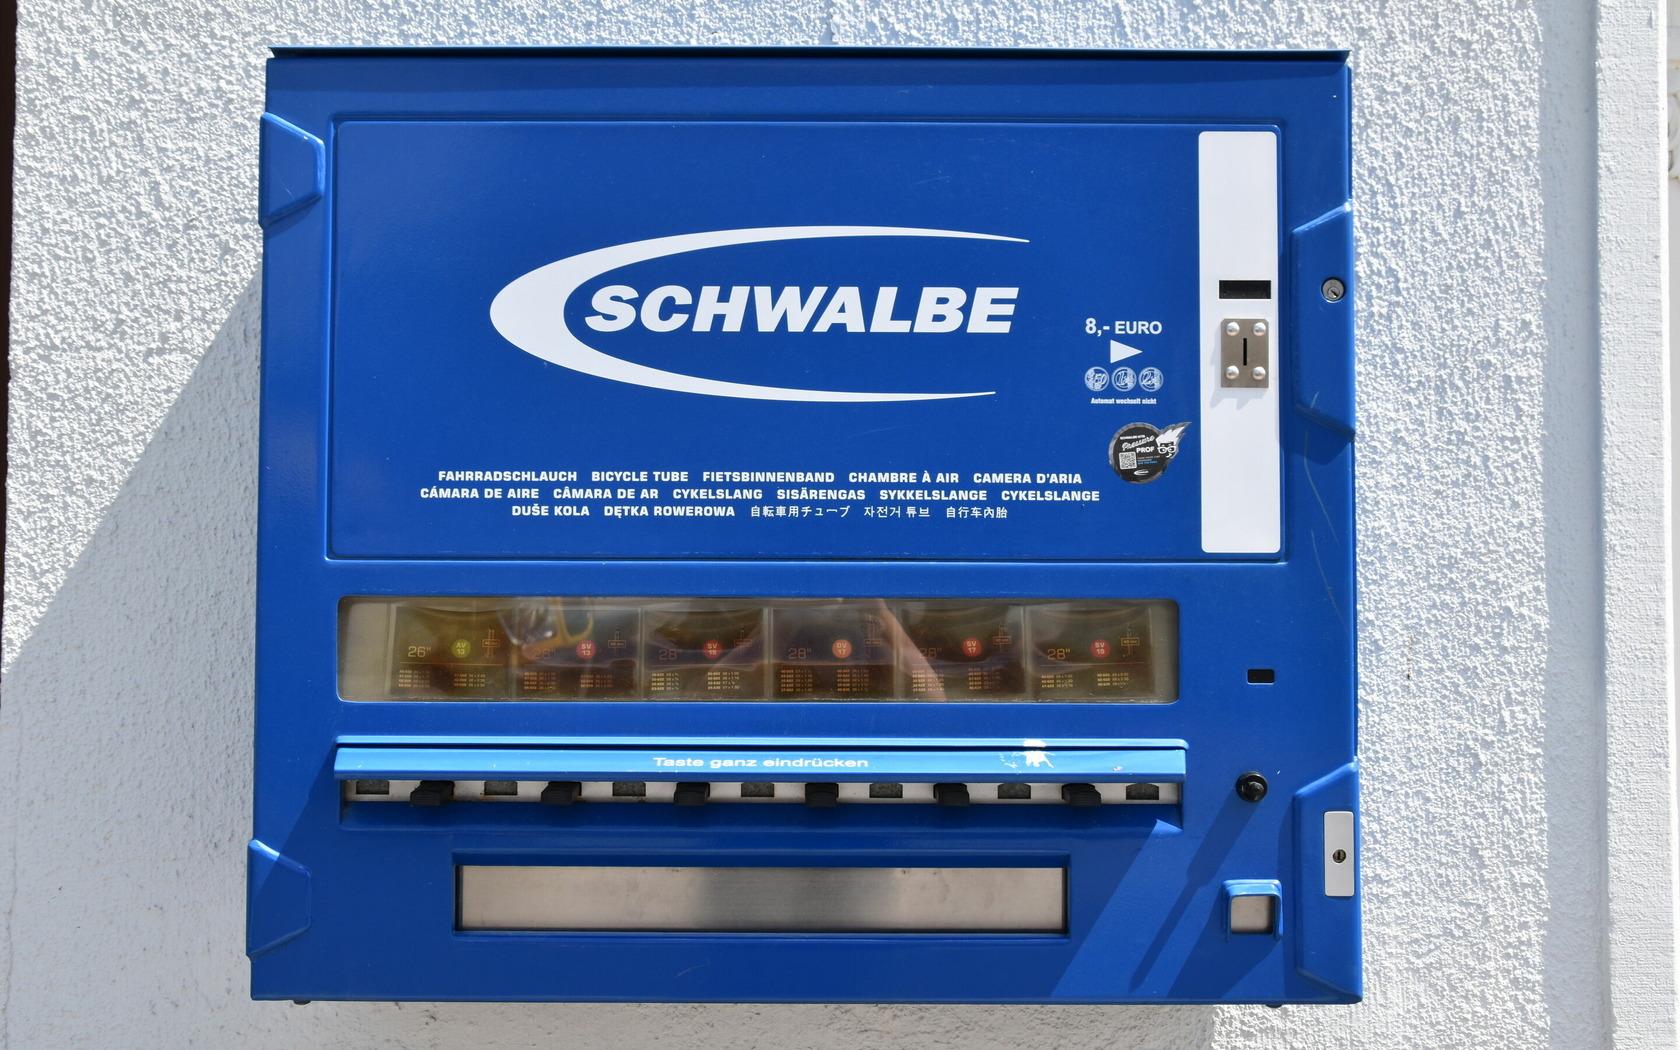 Schlauchautomat am Zweiradcenter Lieske, Foto: MuT Guben e.V.